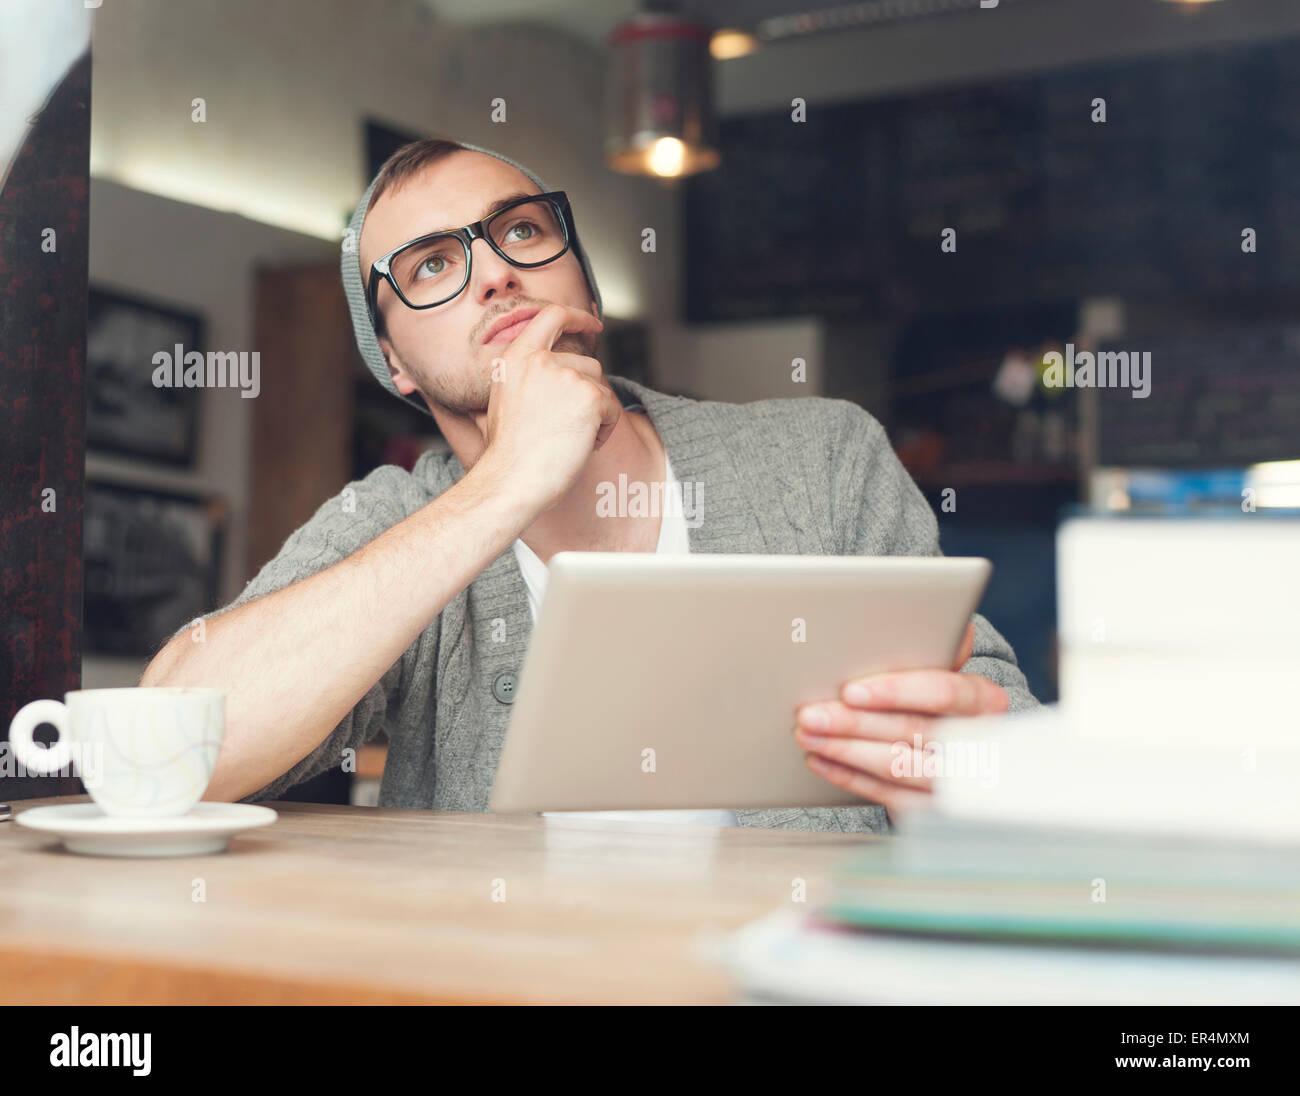 Dreaming uomo con tavoletta digitale presso il cafe. Cracovia in Polonia Foto Stock